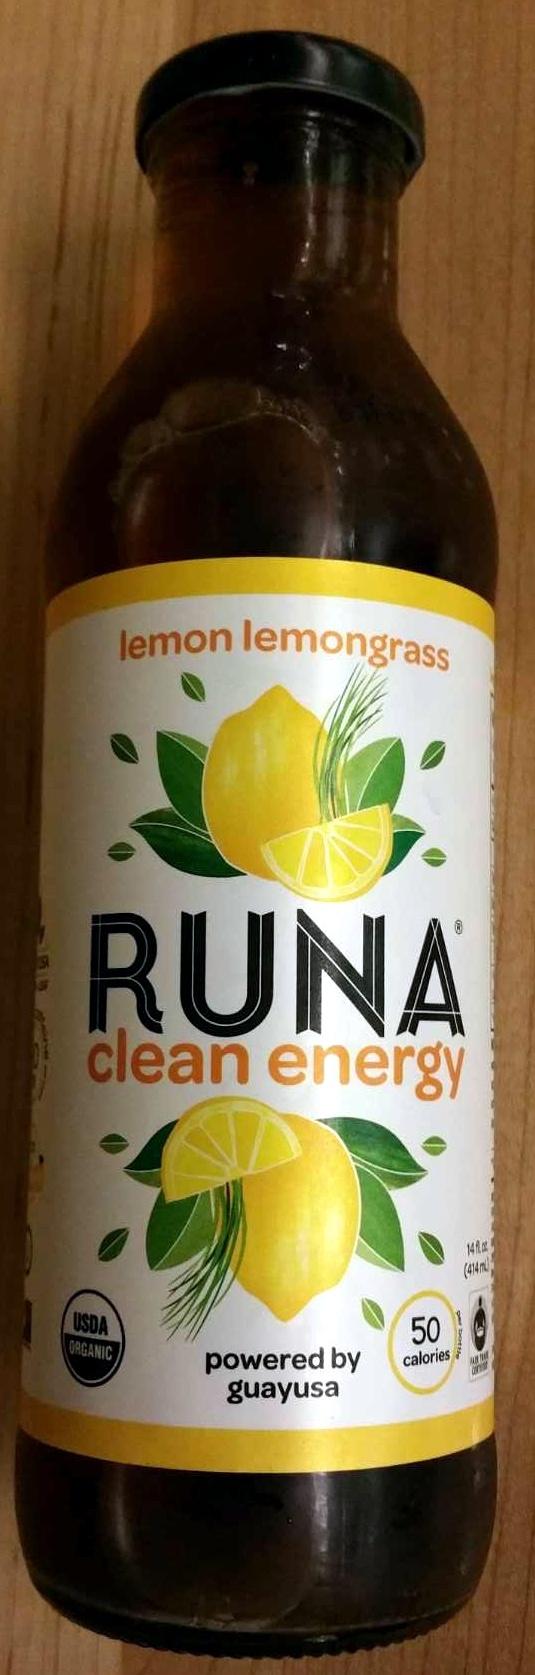 lemon lemongrass - Produit - en